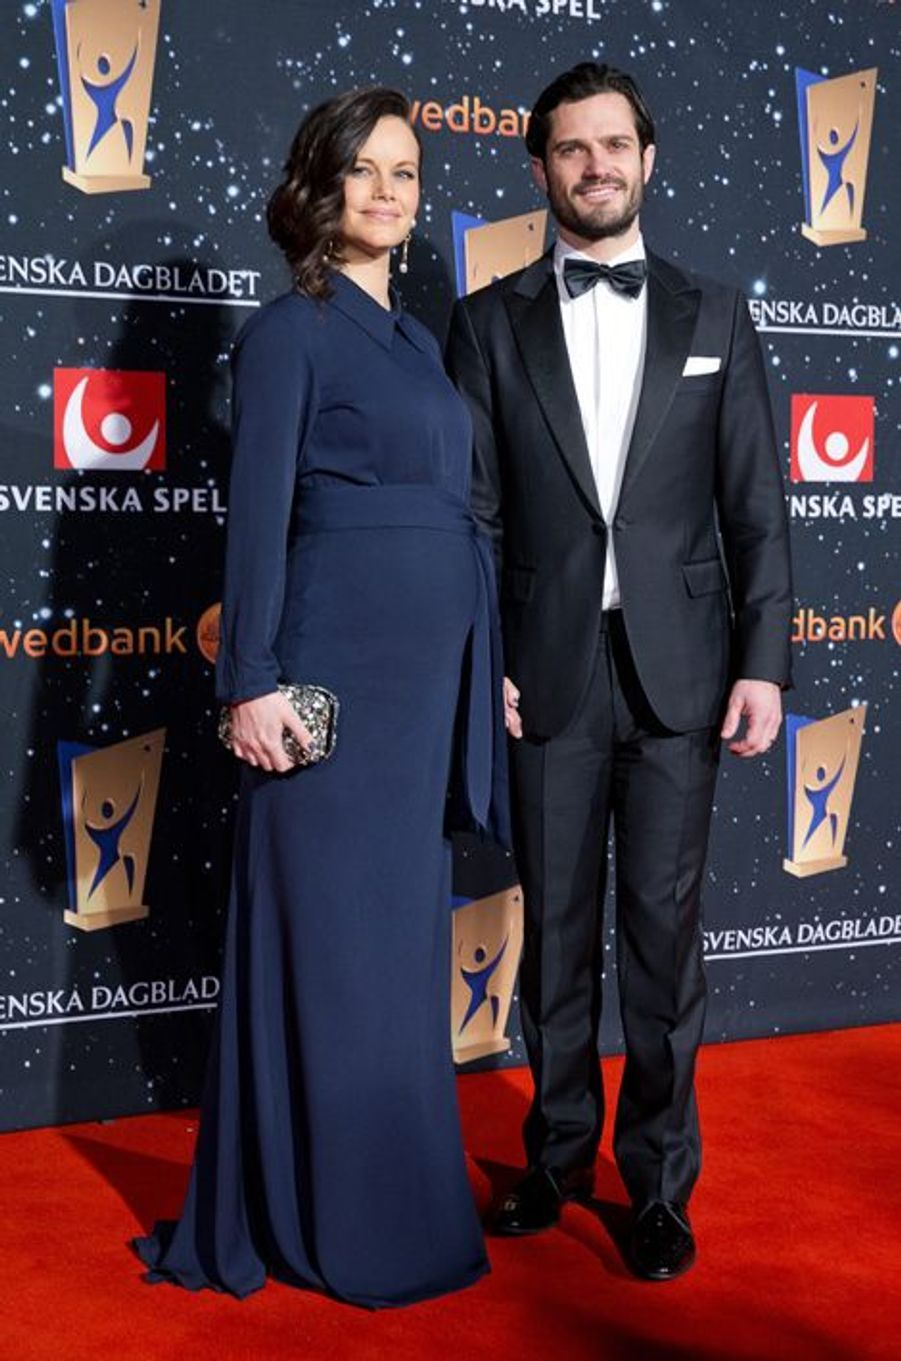 La princesse Sofia et le prince Carl Philip de Suède au Gala des sports à Stockholm, le 25 janvier 2016